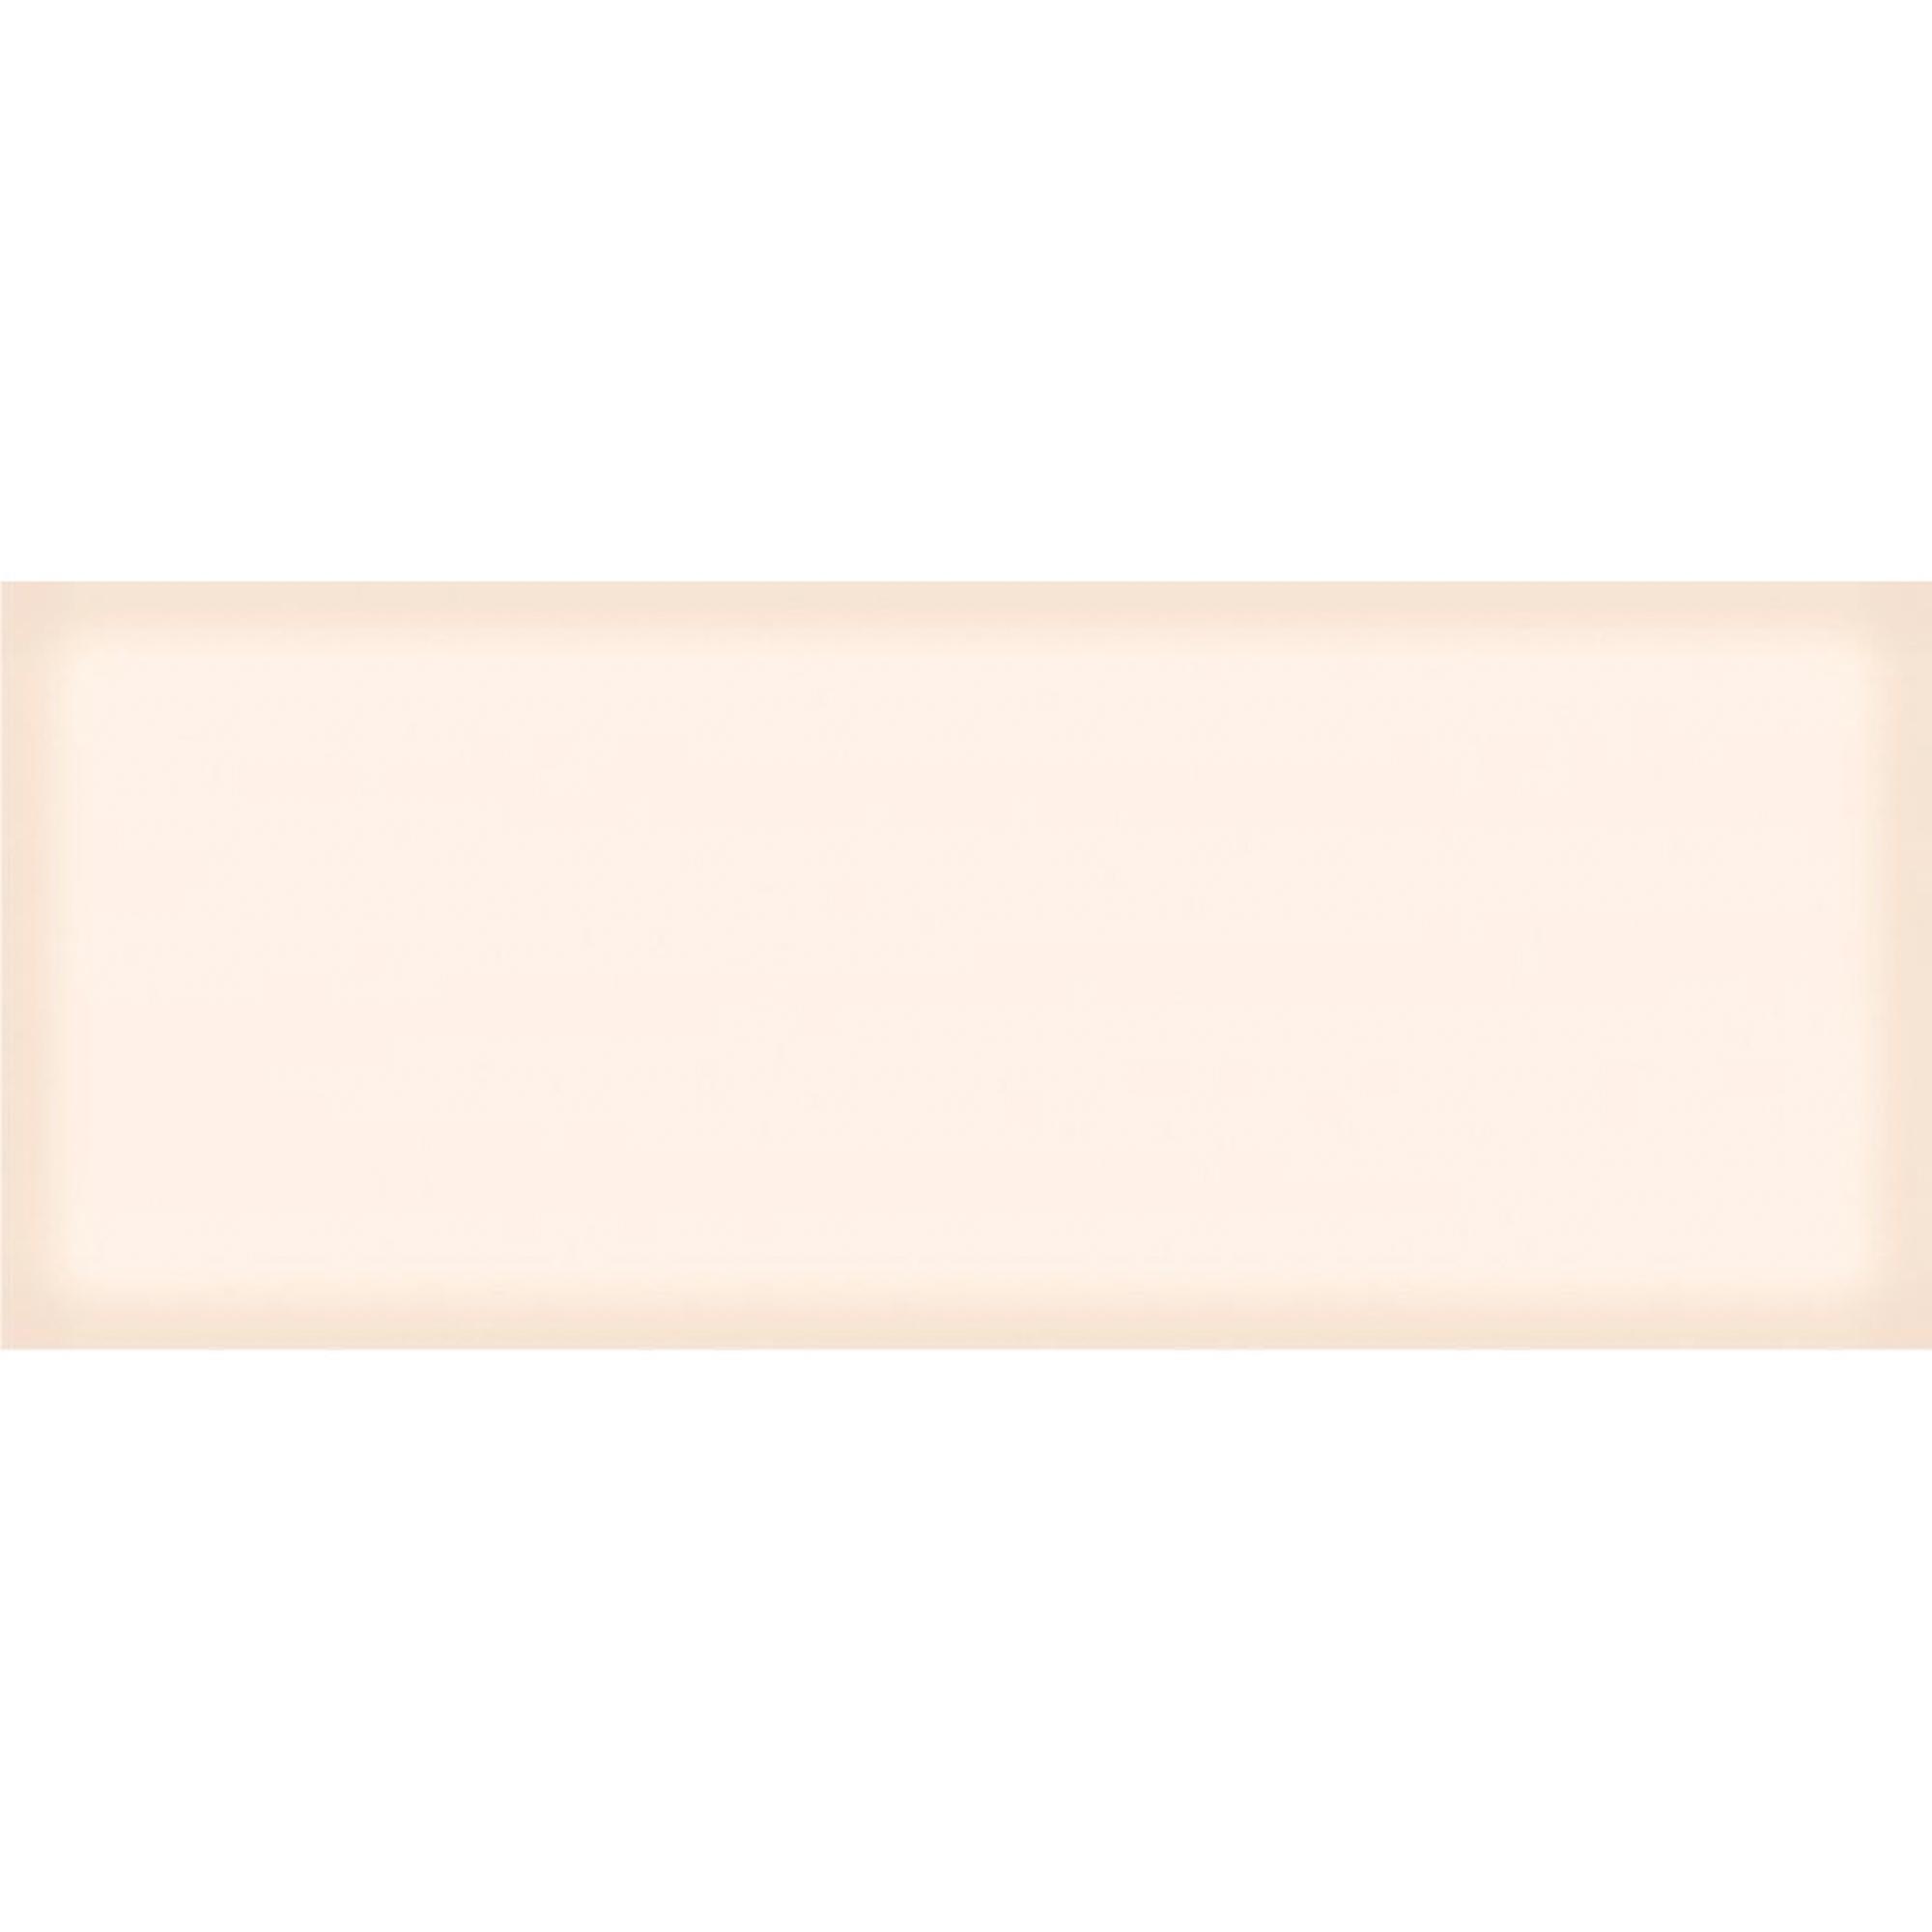 Плитка Kerlife Elissa Marfil 20,1x50,5 см